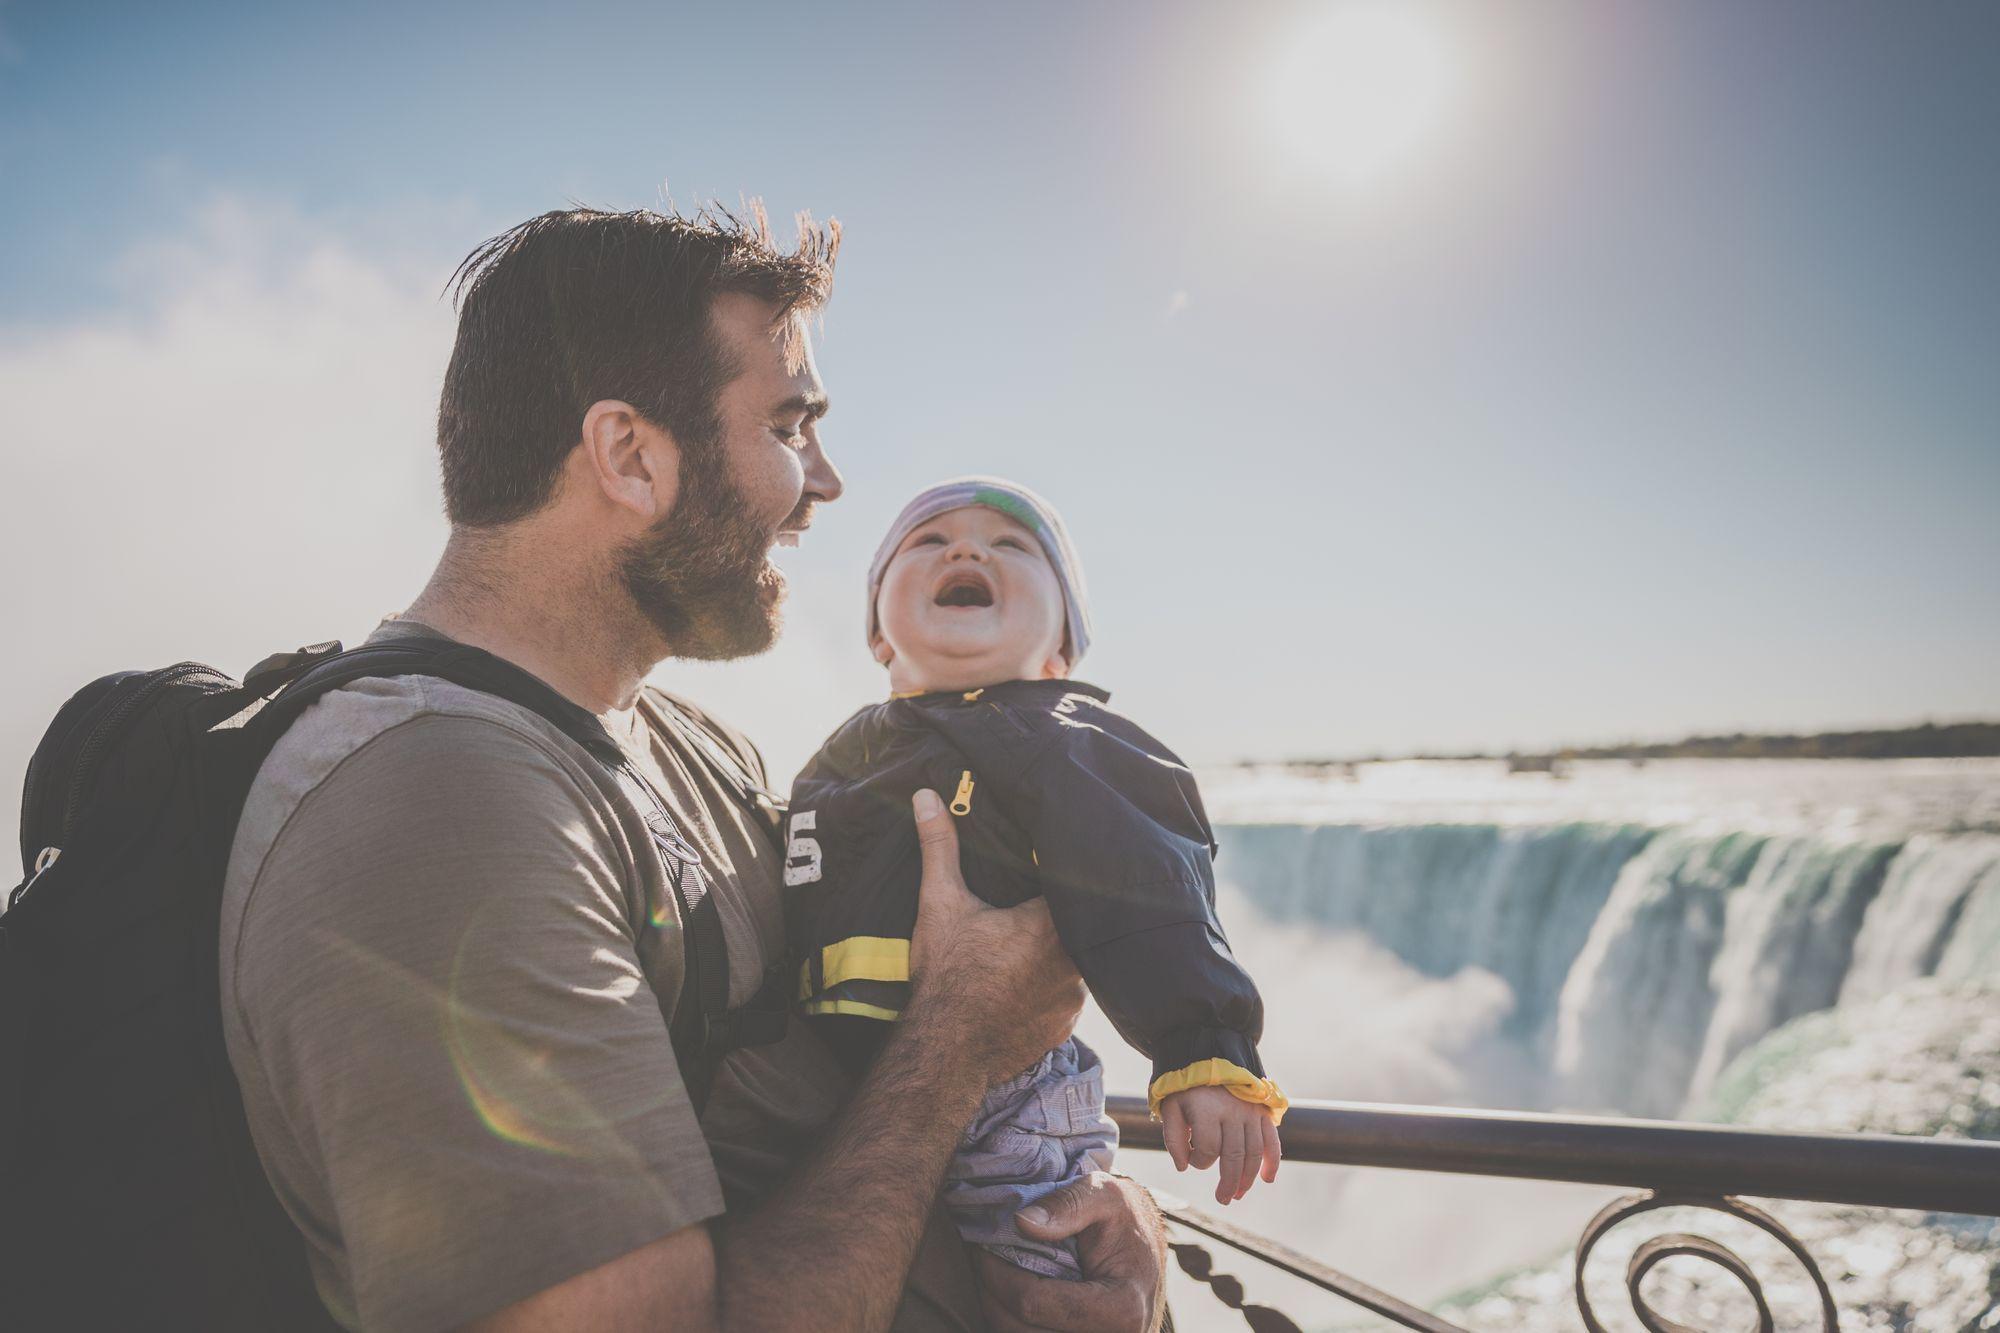 Kinder-Vater-Söhne-Urlaub-Haustausch-Familie-Ferien